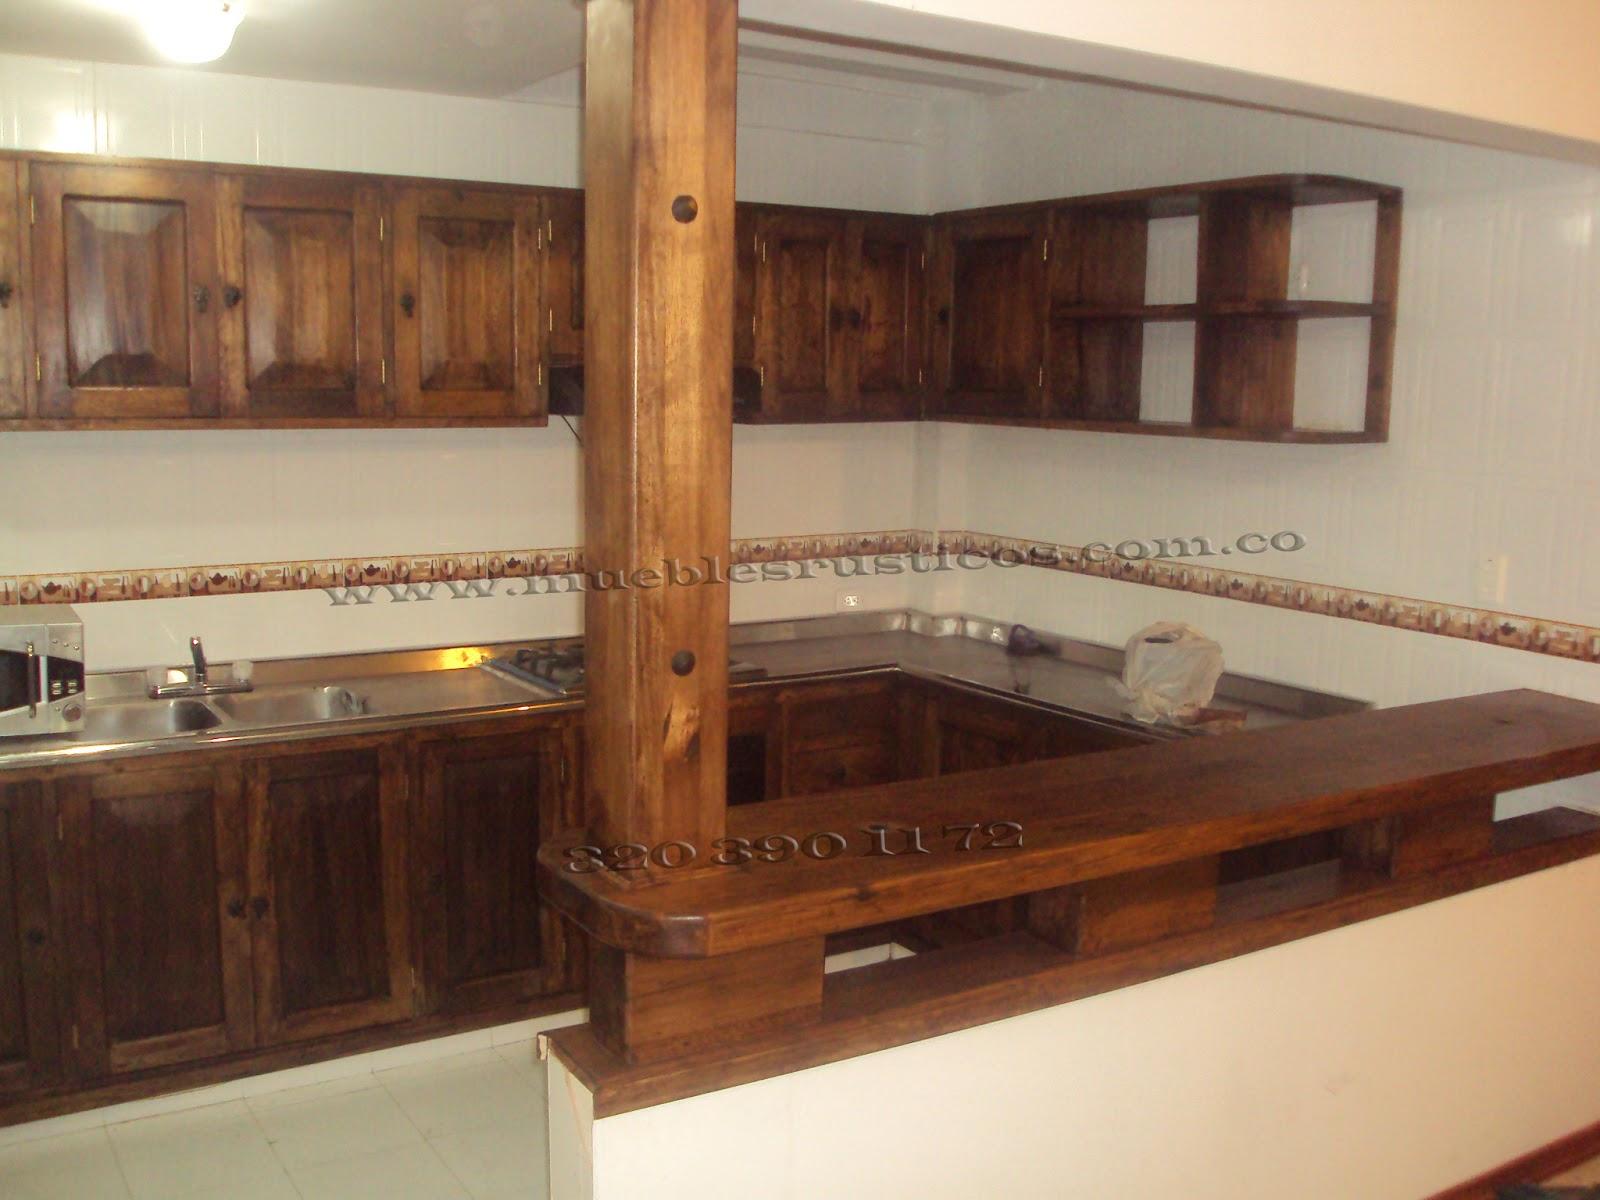 Muebles En Madera Rustica Bogota | Muebles Cocina Rusticos Madera